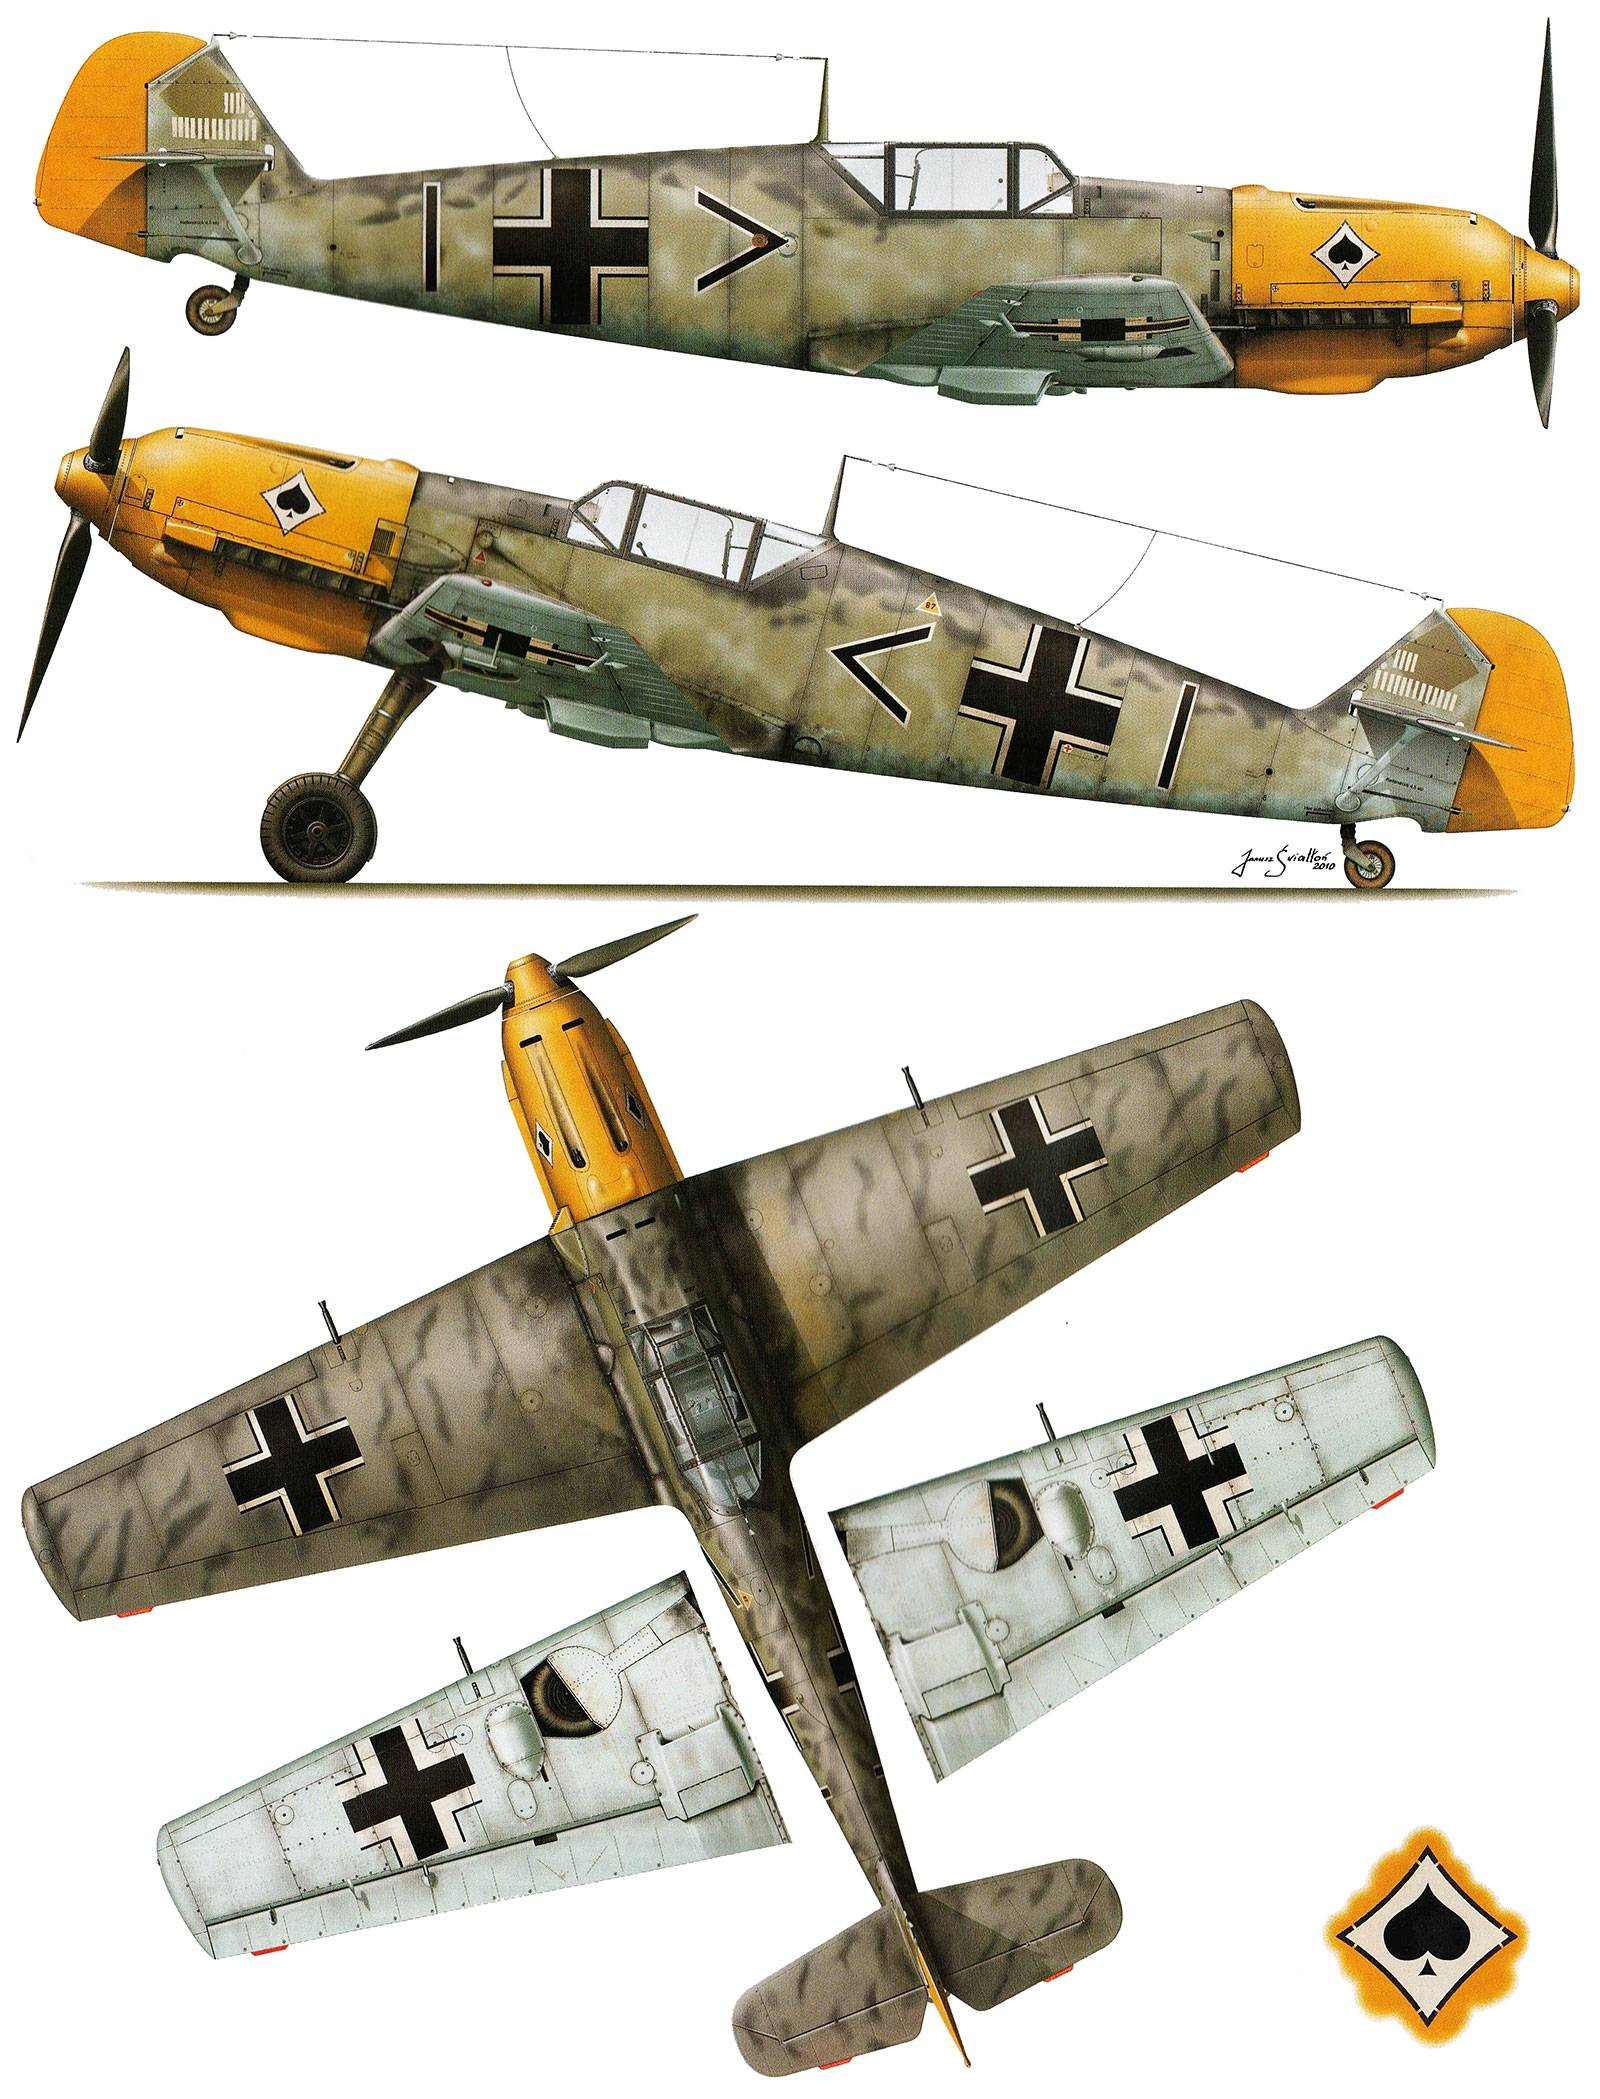 Messerschmittbf109b